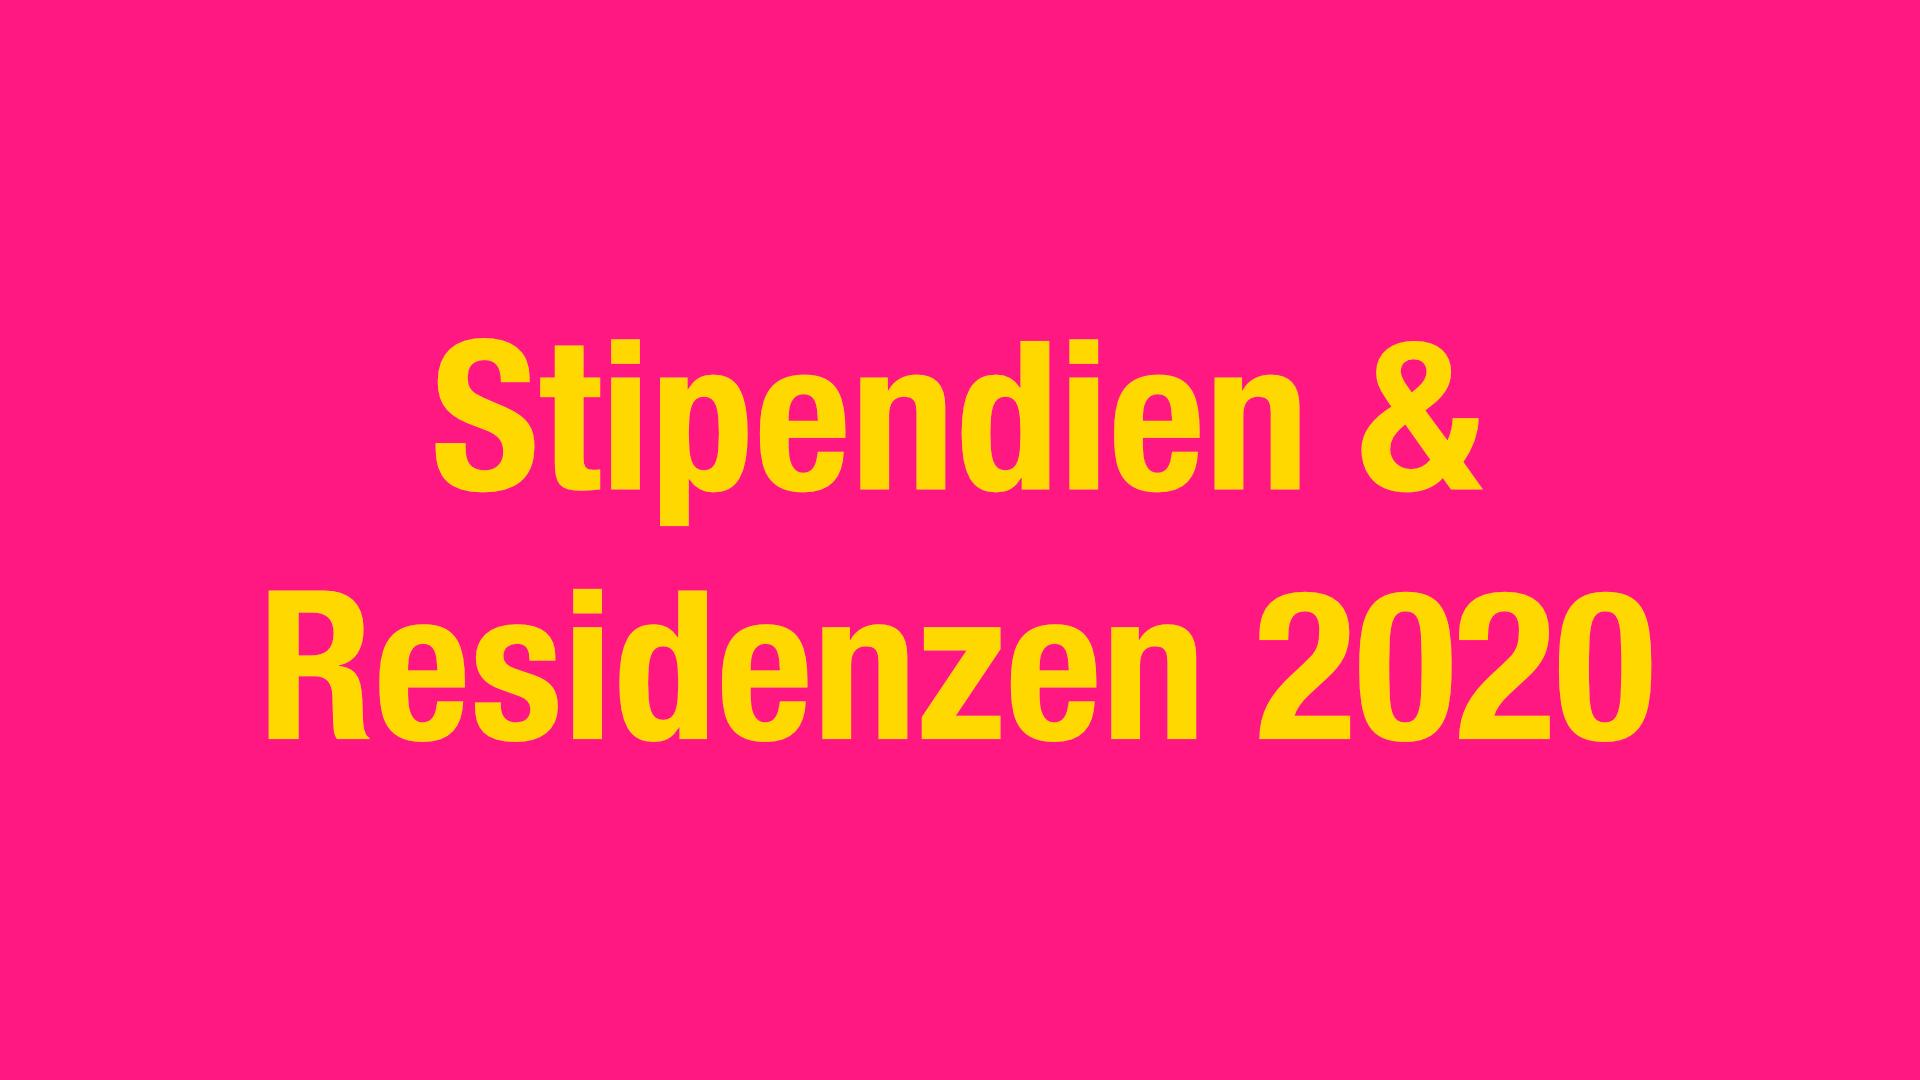 Stipendien & Residenzen 2020